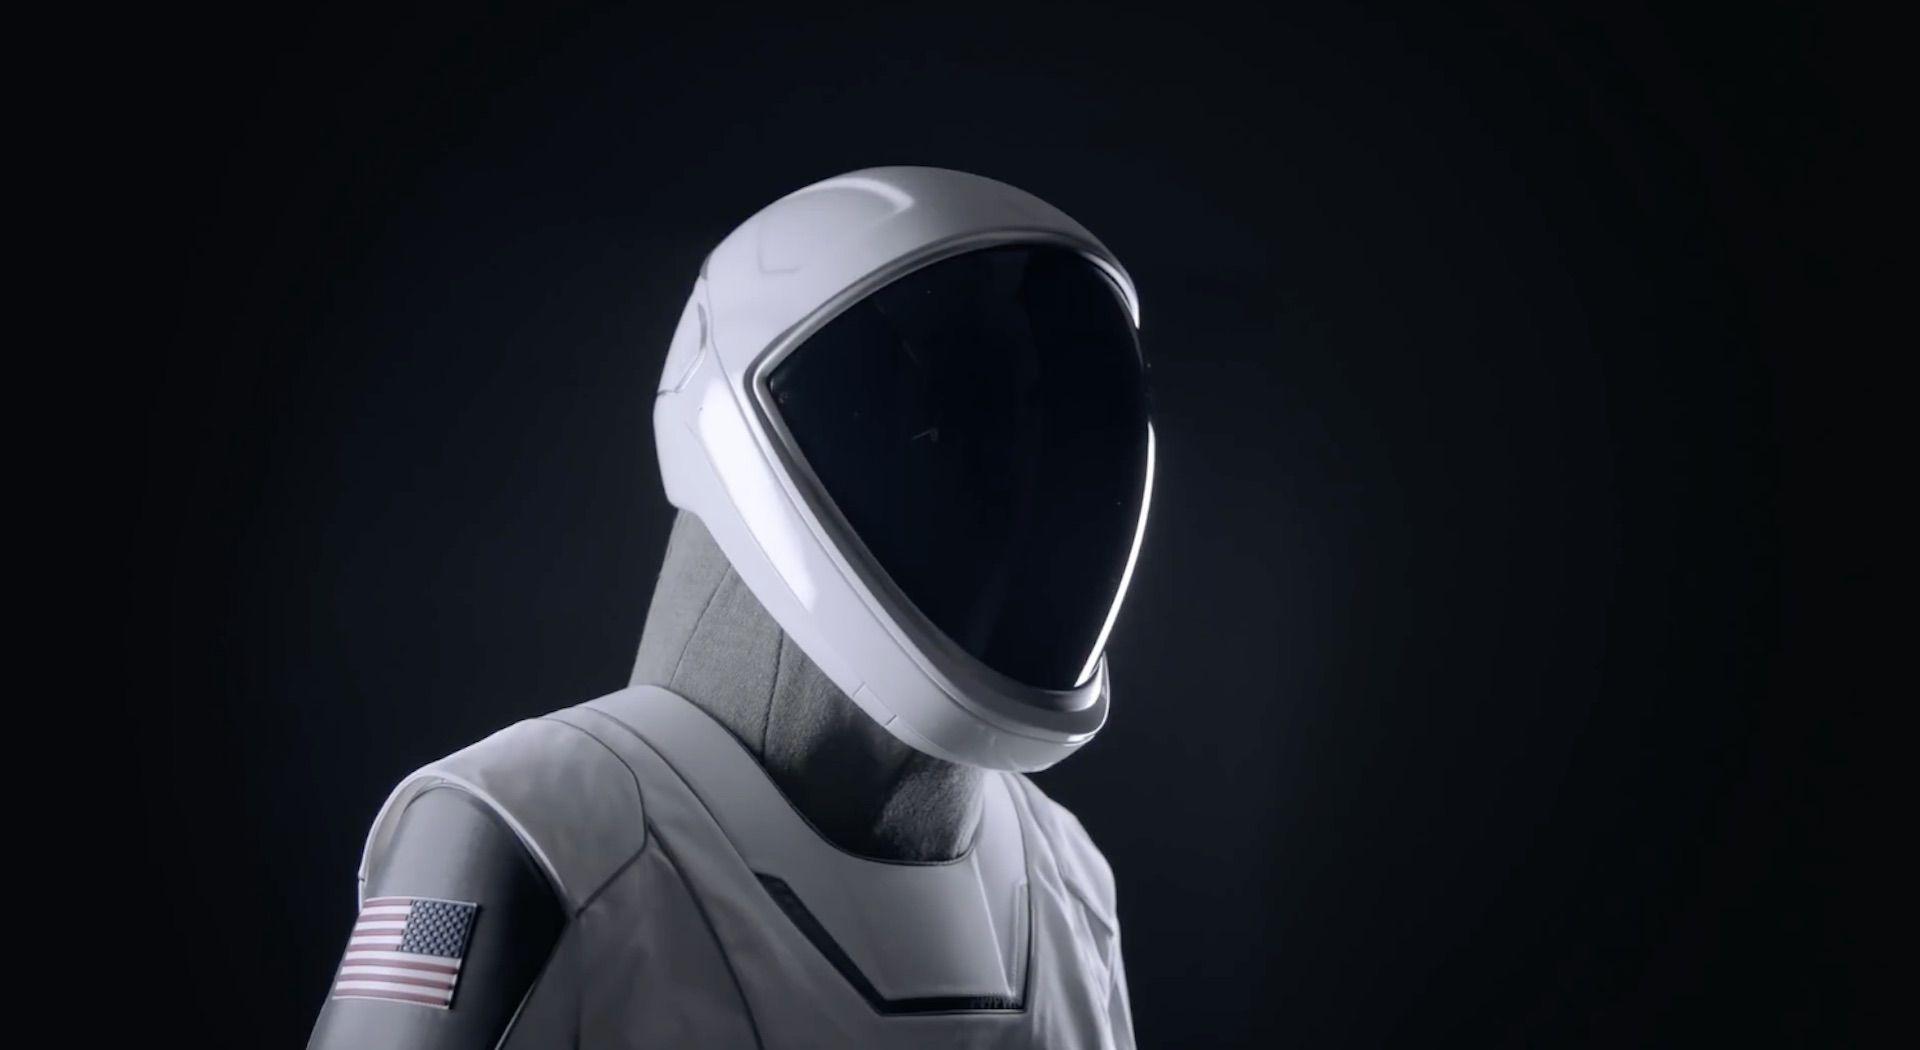 SpaceX dévoile les secrets de sa combinaison spatiale